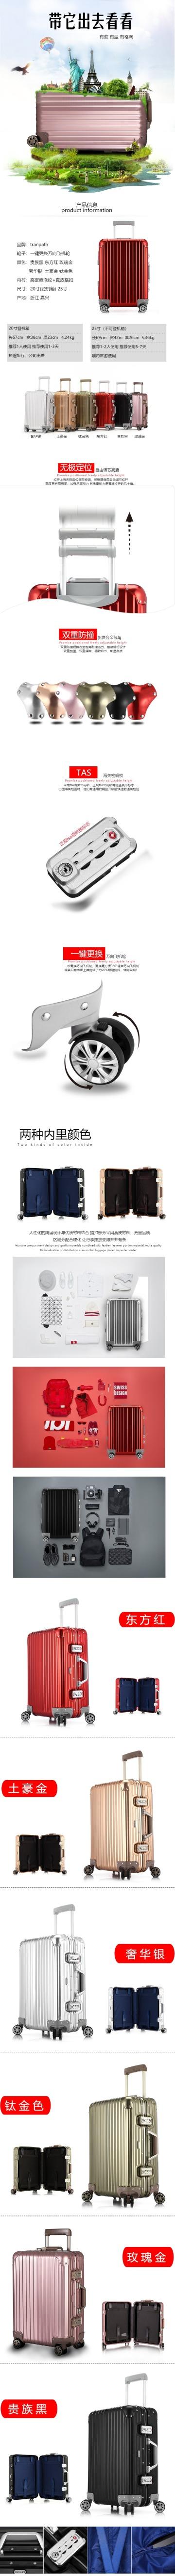 时尚清新拉杆箱电商详情页